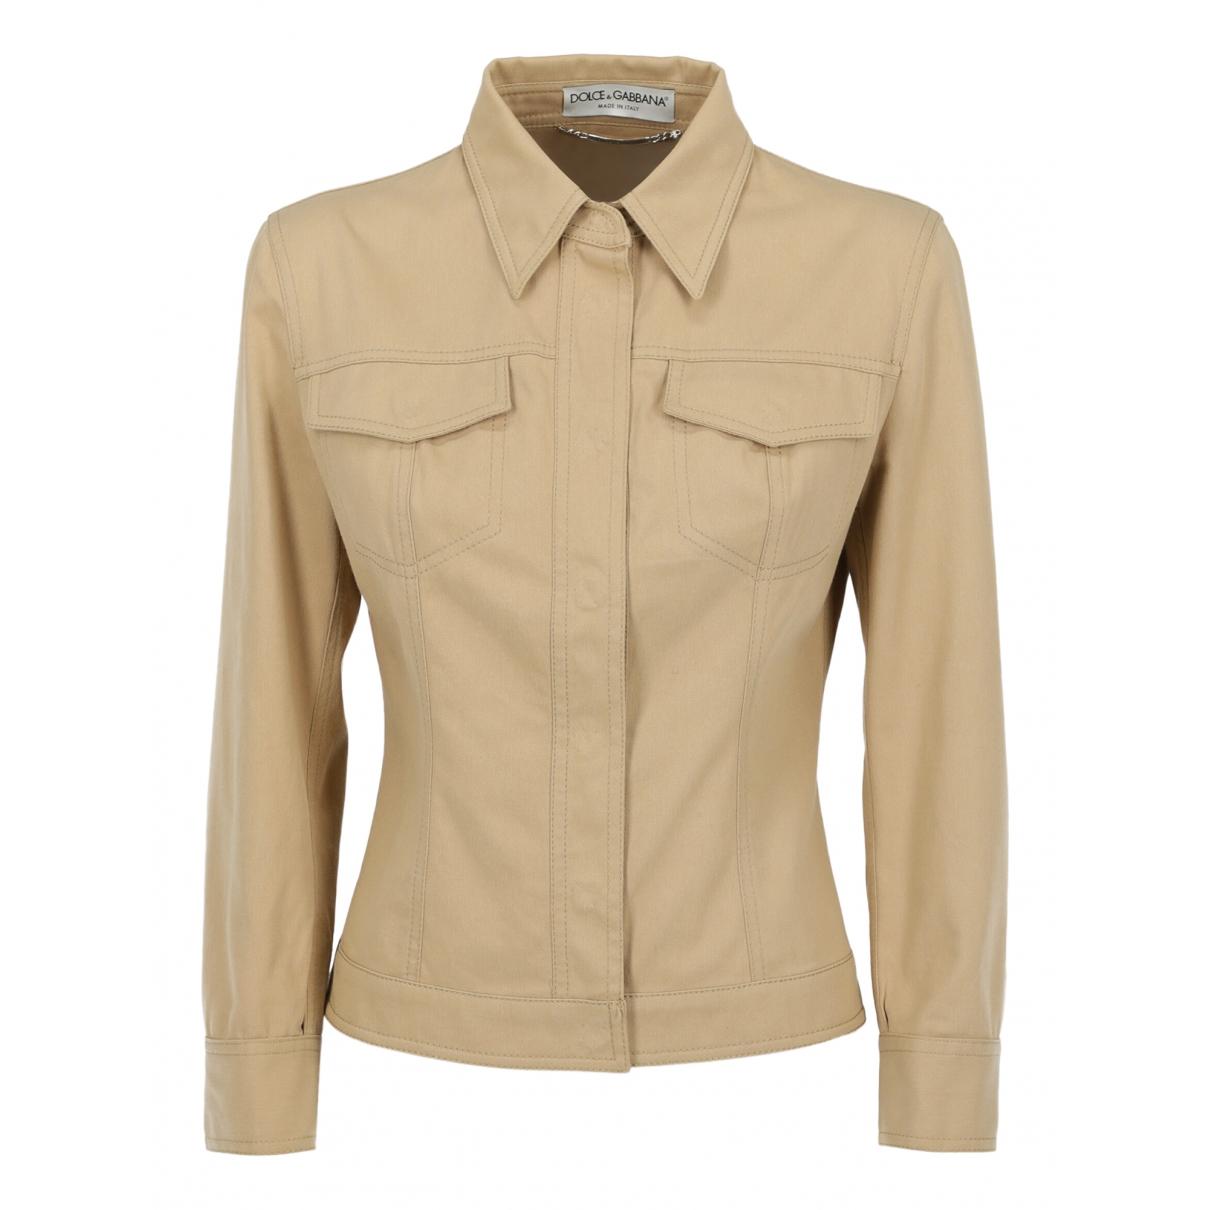 Dolce & Gabbana - Veste   pour femme en coton - beige